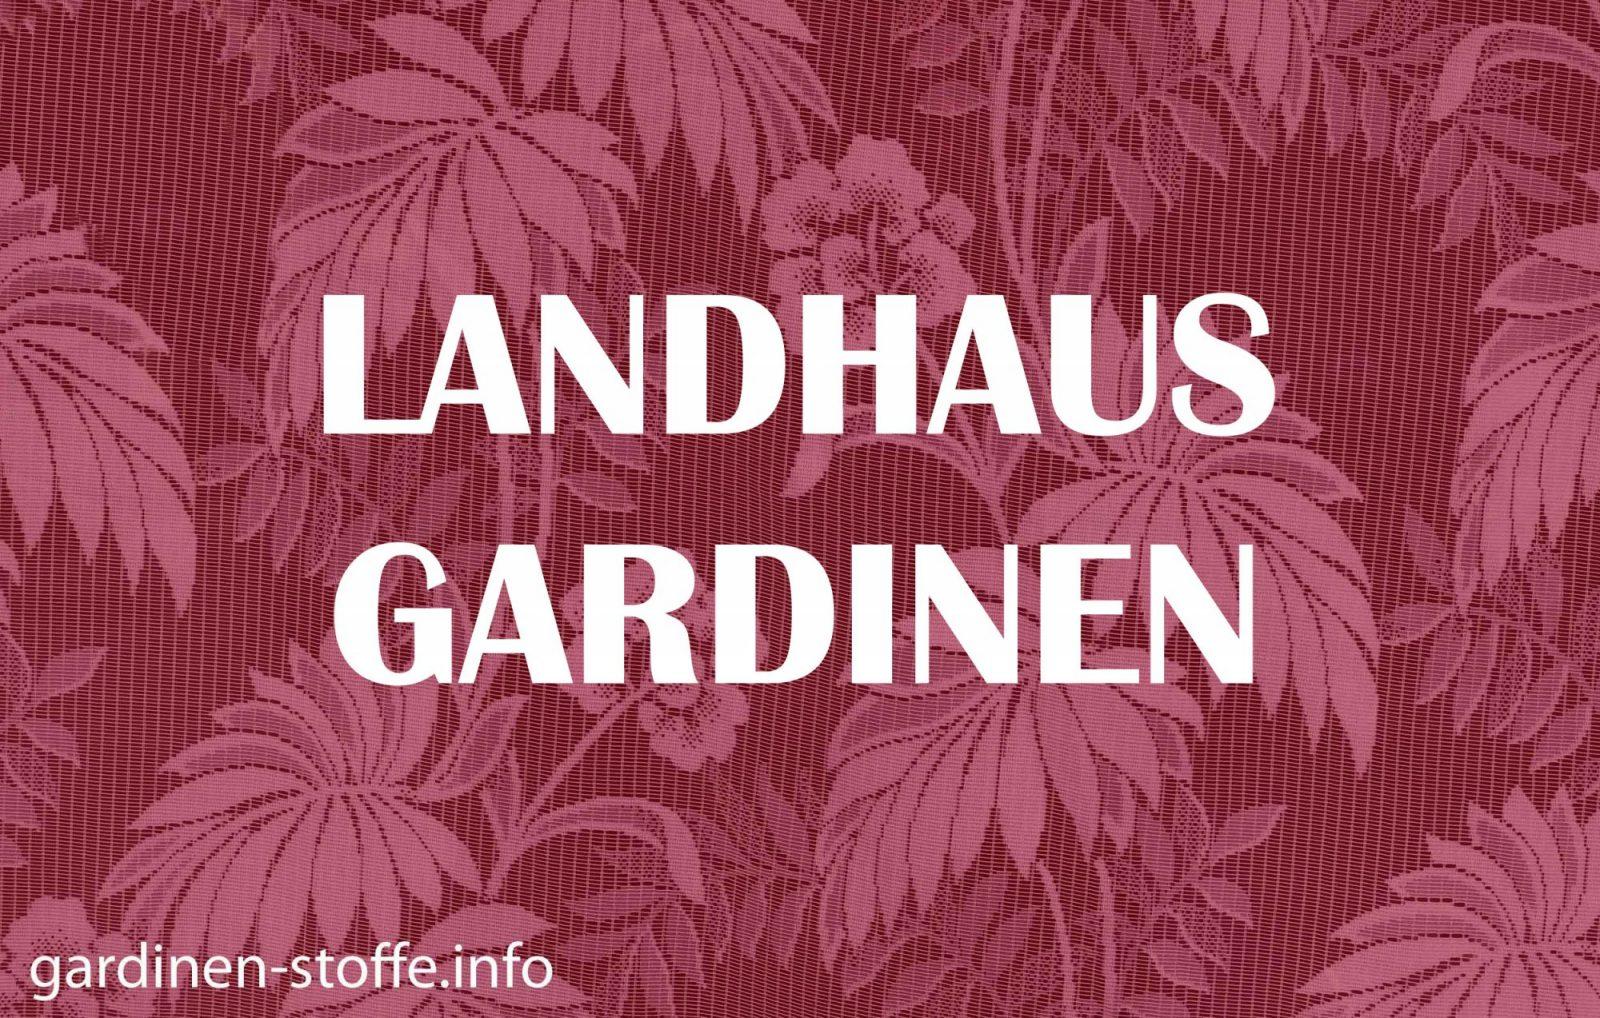 Landhaus Gardinen  Die Richtige Gardine Für Den Vernünftigen Stil von Gardinen Im Landhausstil Selber Nähen Bild